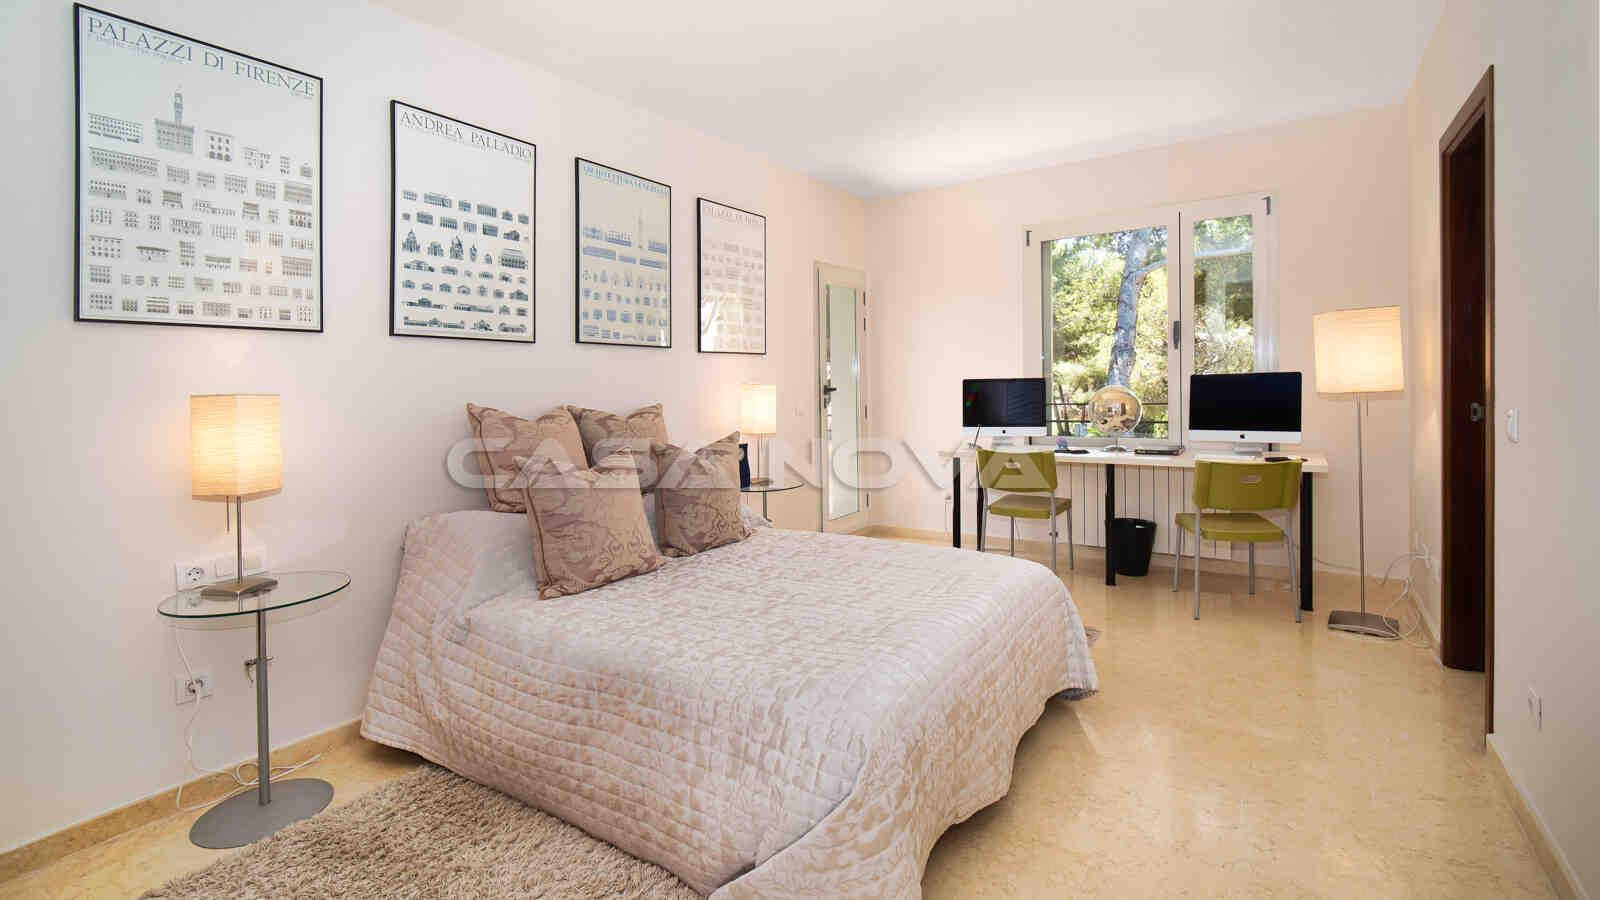 Schönes Doppelschlafzimmer mit viel Platz